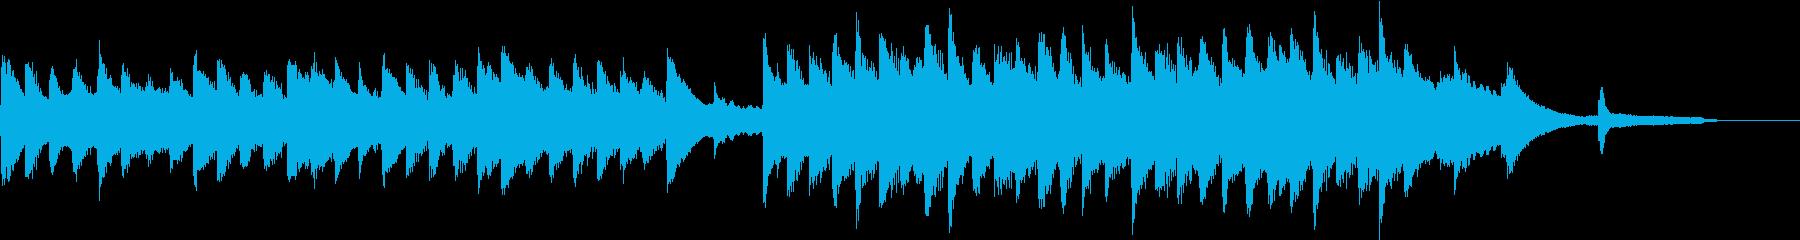 映像に 優しく切ないピアノバラードの再生済みの波形